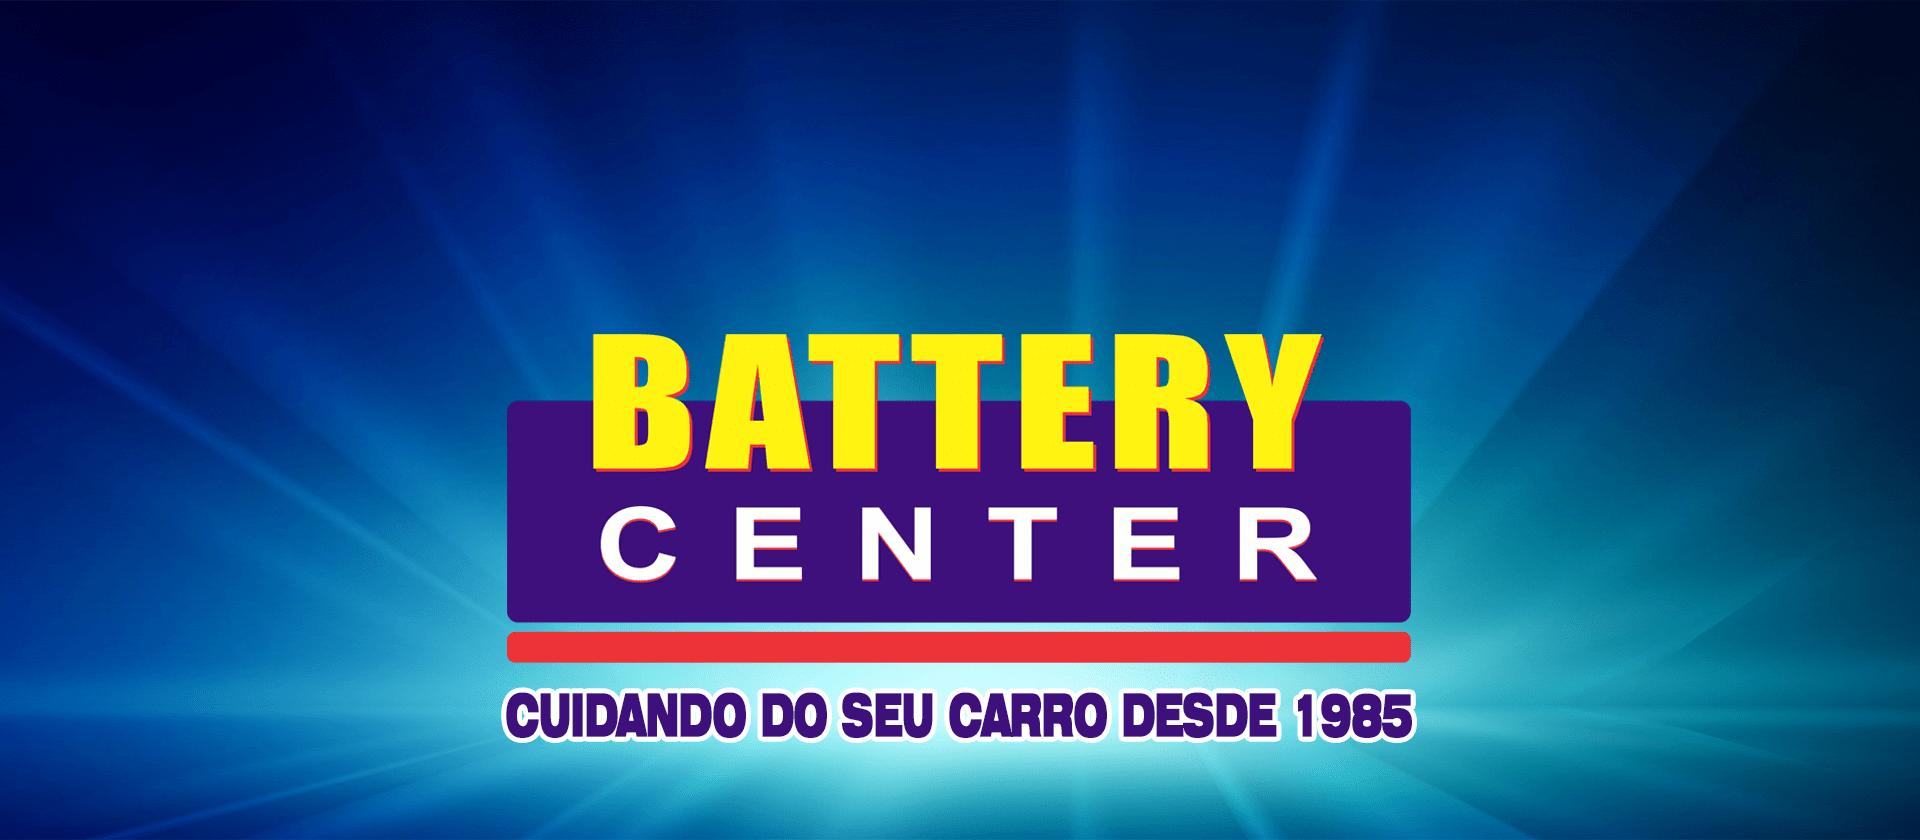 BANNER-BATTERY_SLIDER-2